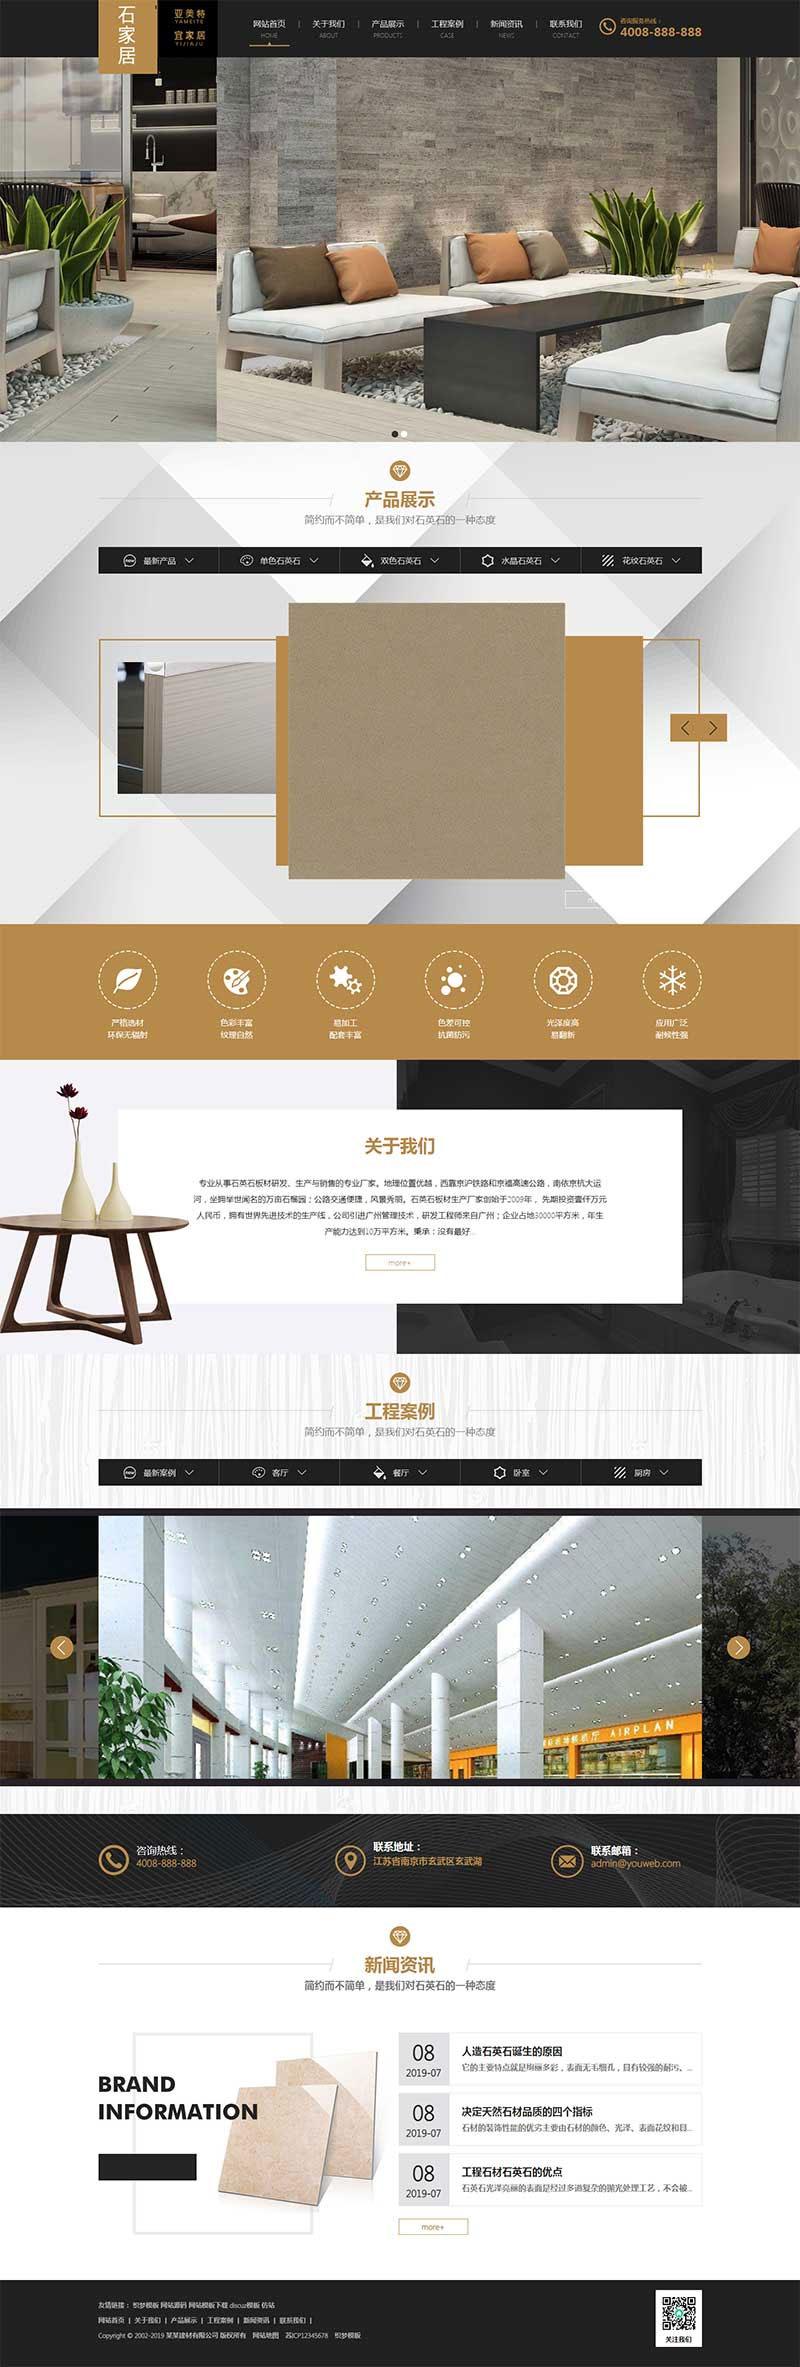 织梦dedecms模板 大理石瓷砖厂家装修建材企业网站模板源码(带手机移动端)